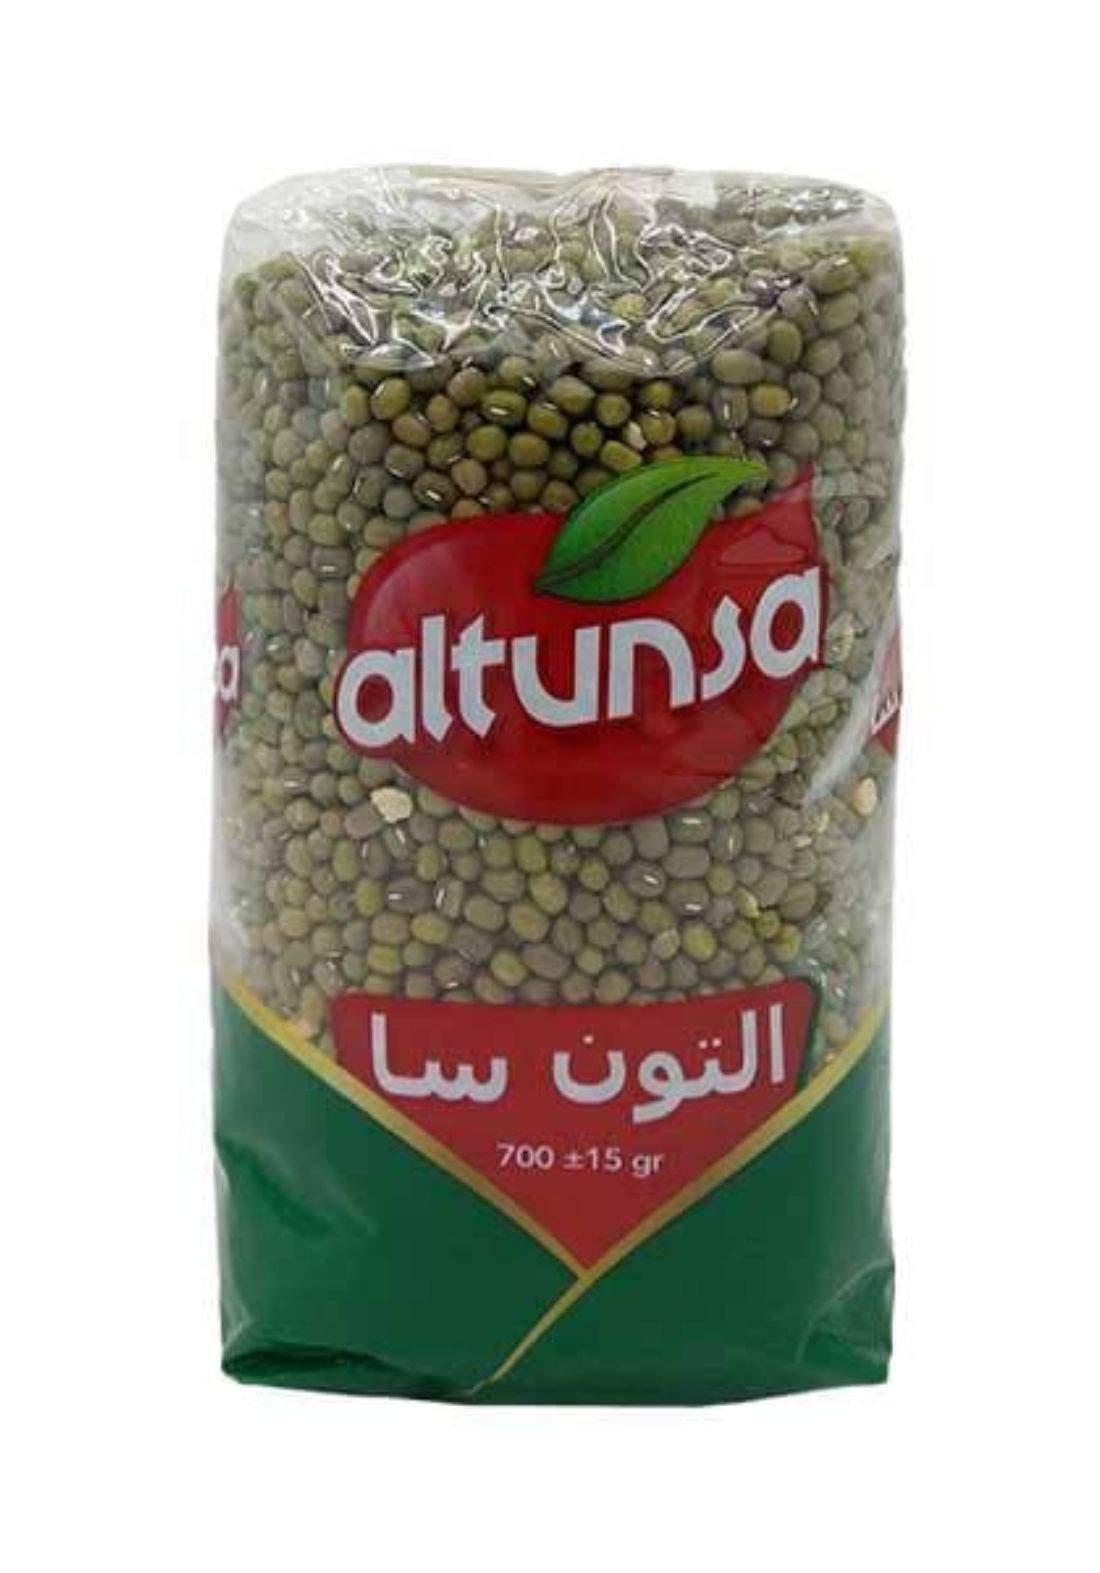 Altunsa mung beans 700g التون سا فاصوليا ماش